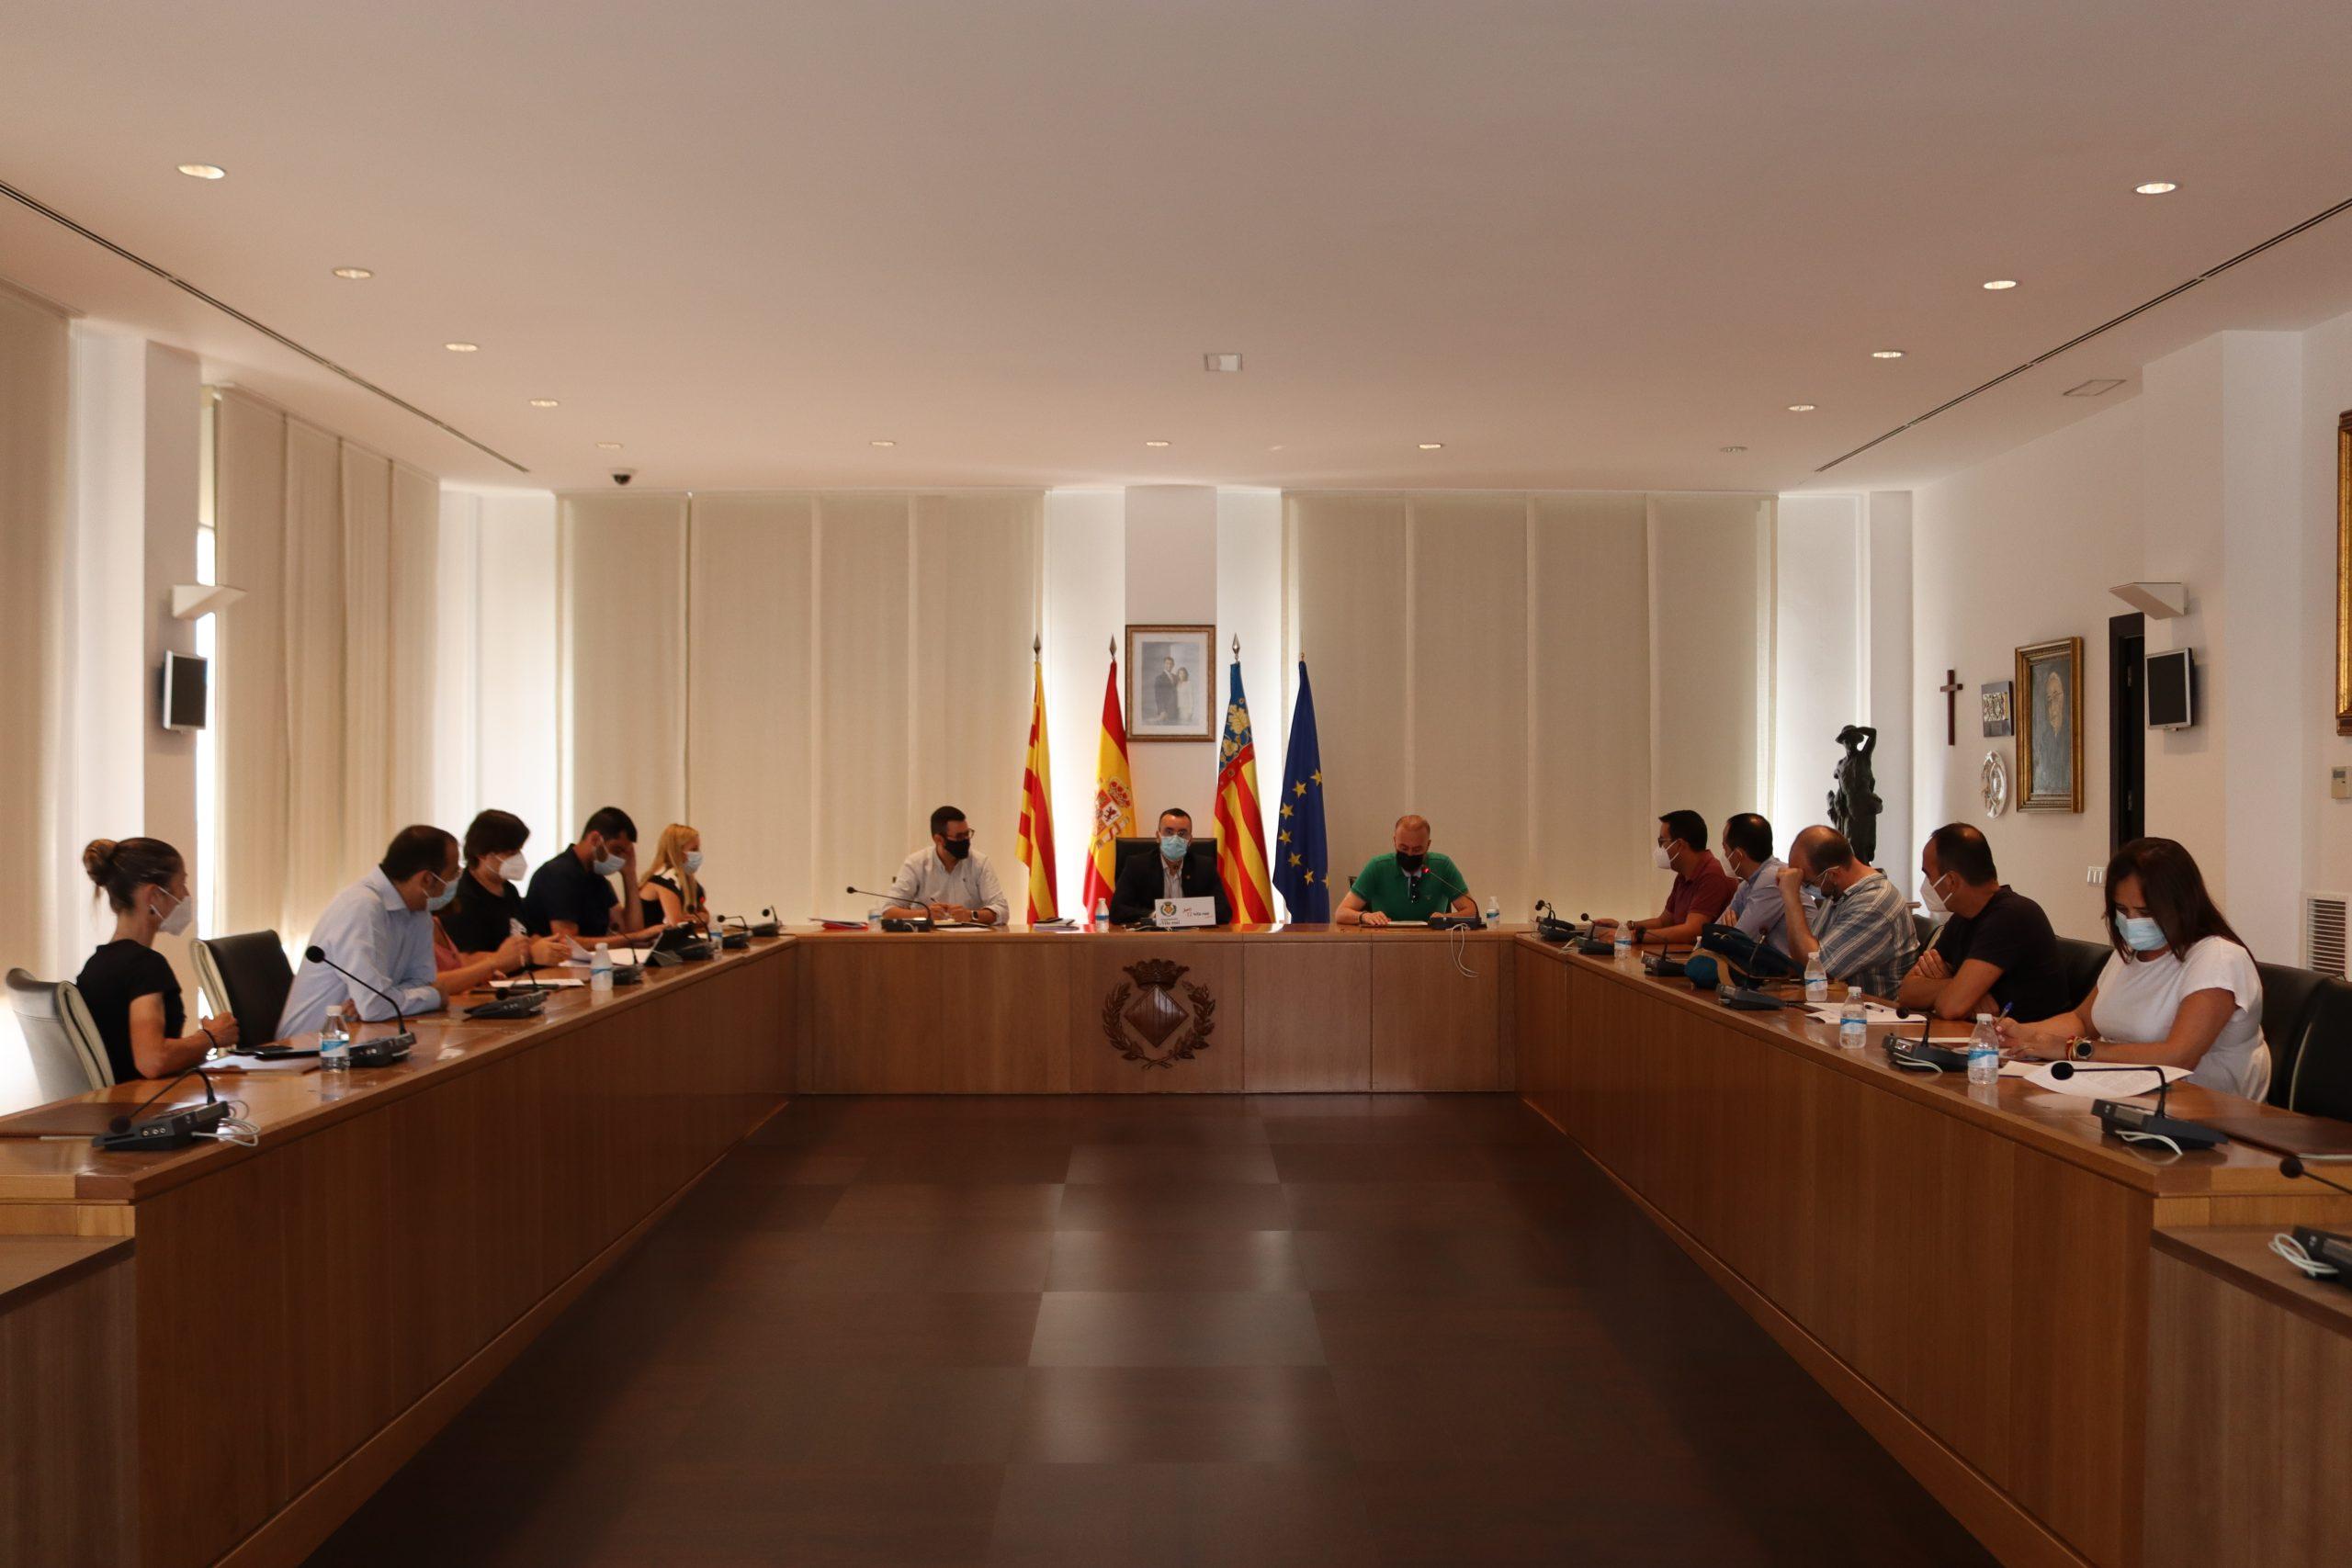 El Consejo Rector de Fiestas aprueba el programa de actos de la Virgen de Gracia con la unanimidad de todos los partidos